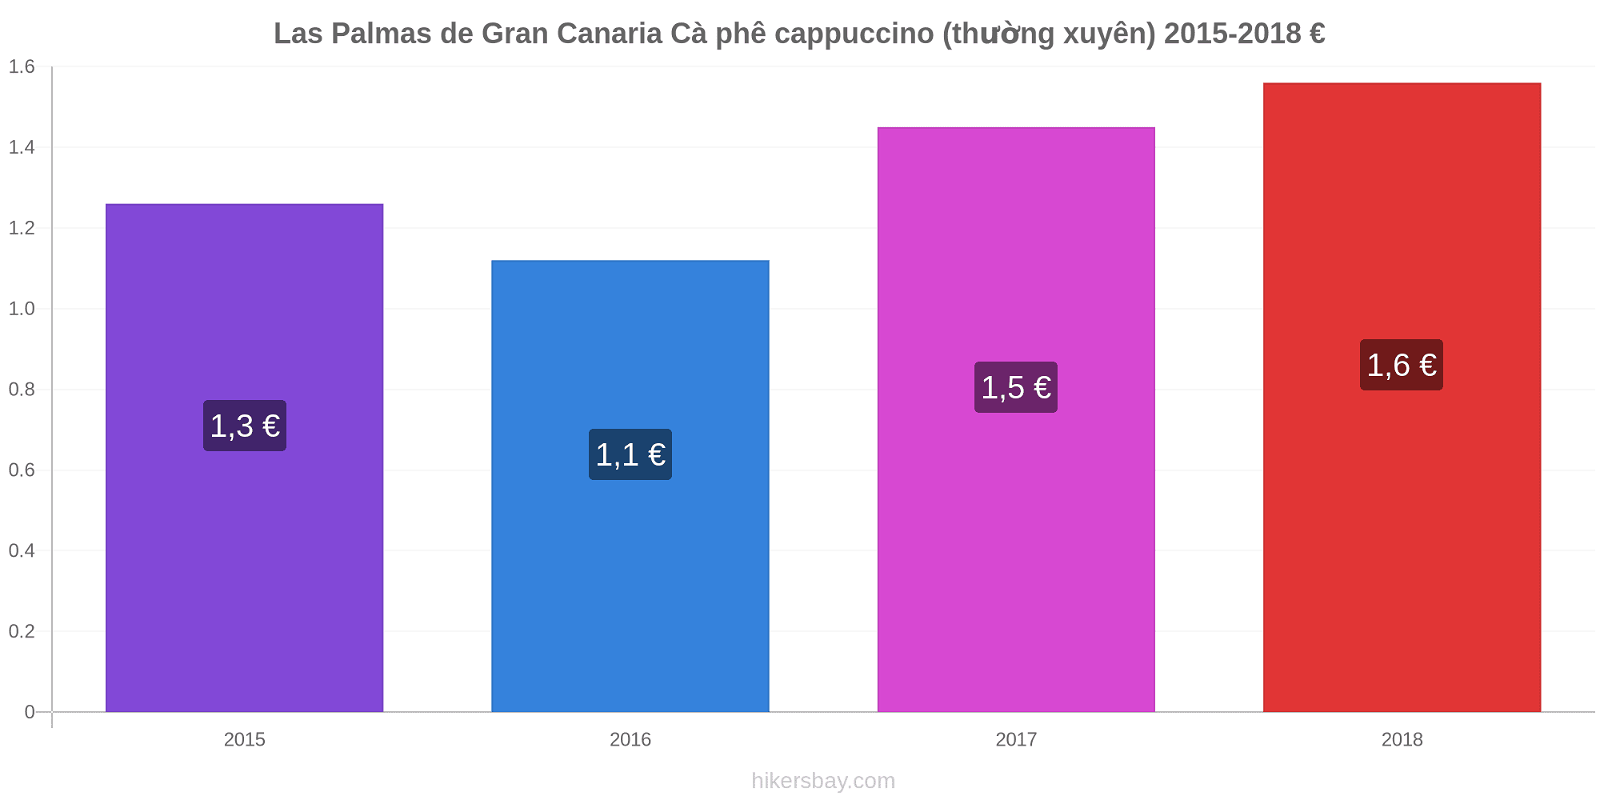 Las Palmas de Gran Canaria thay đổi giá Cà phê cappuccino (thường xuyên) hikersbay.com